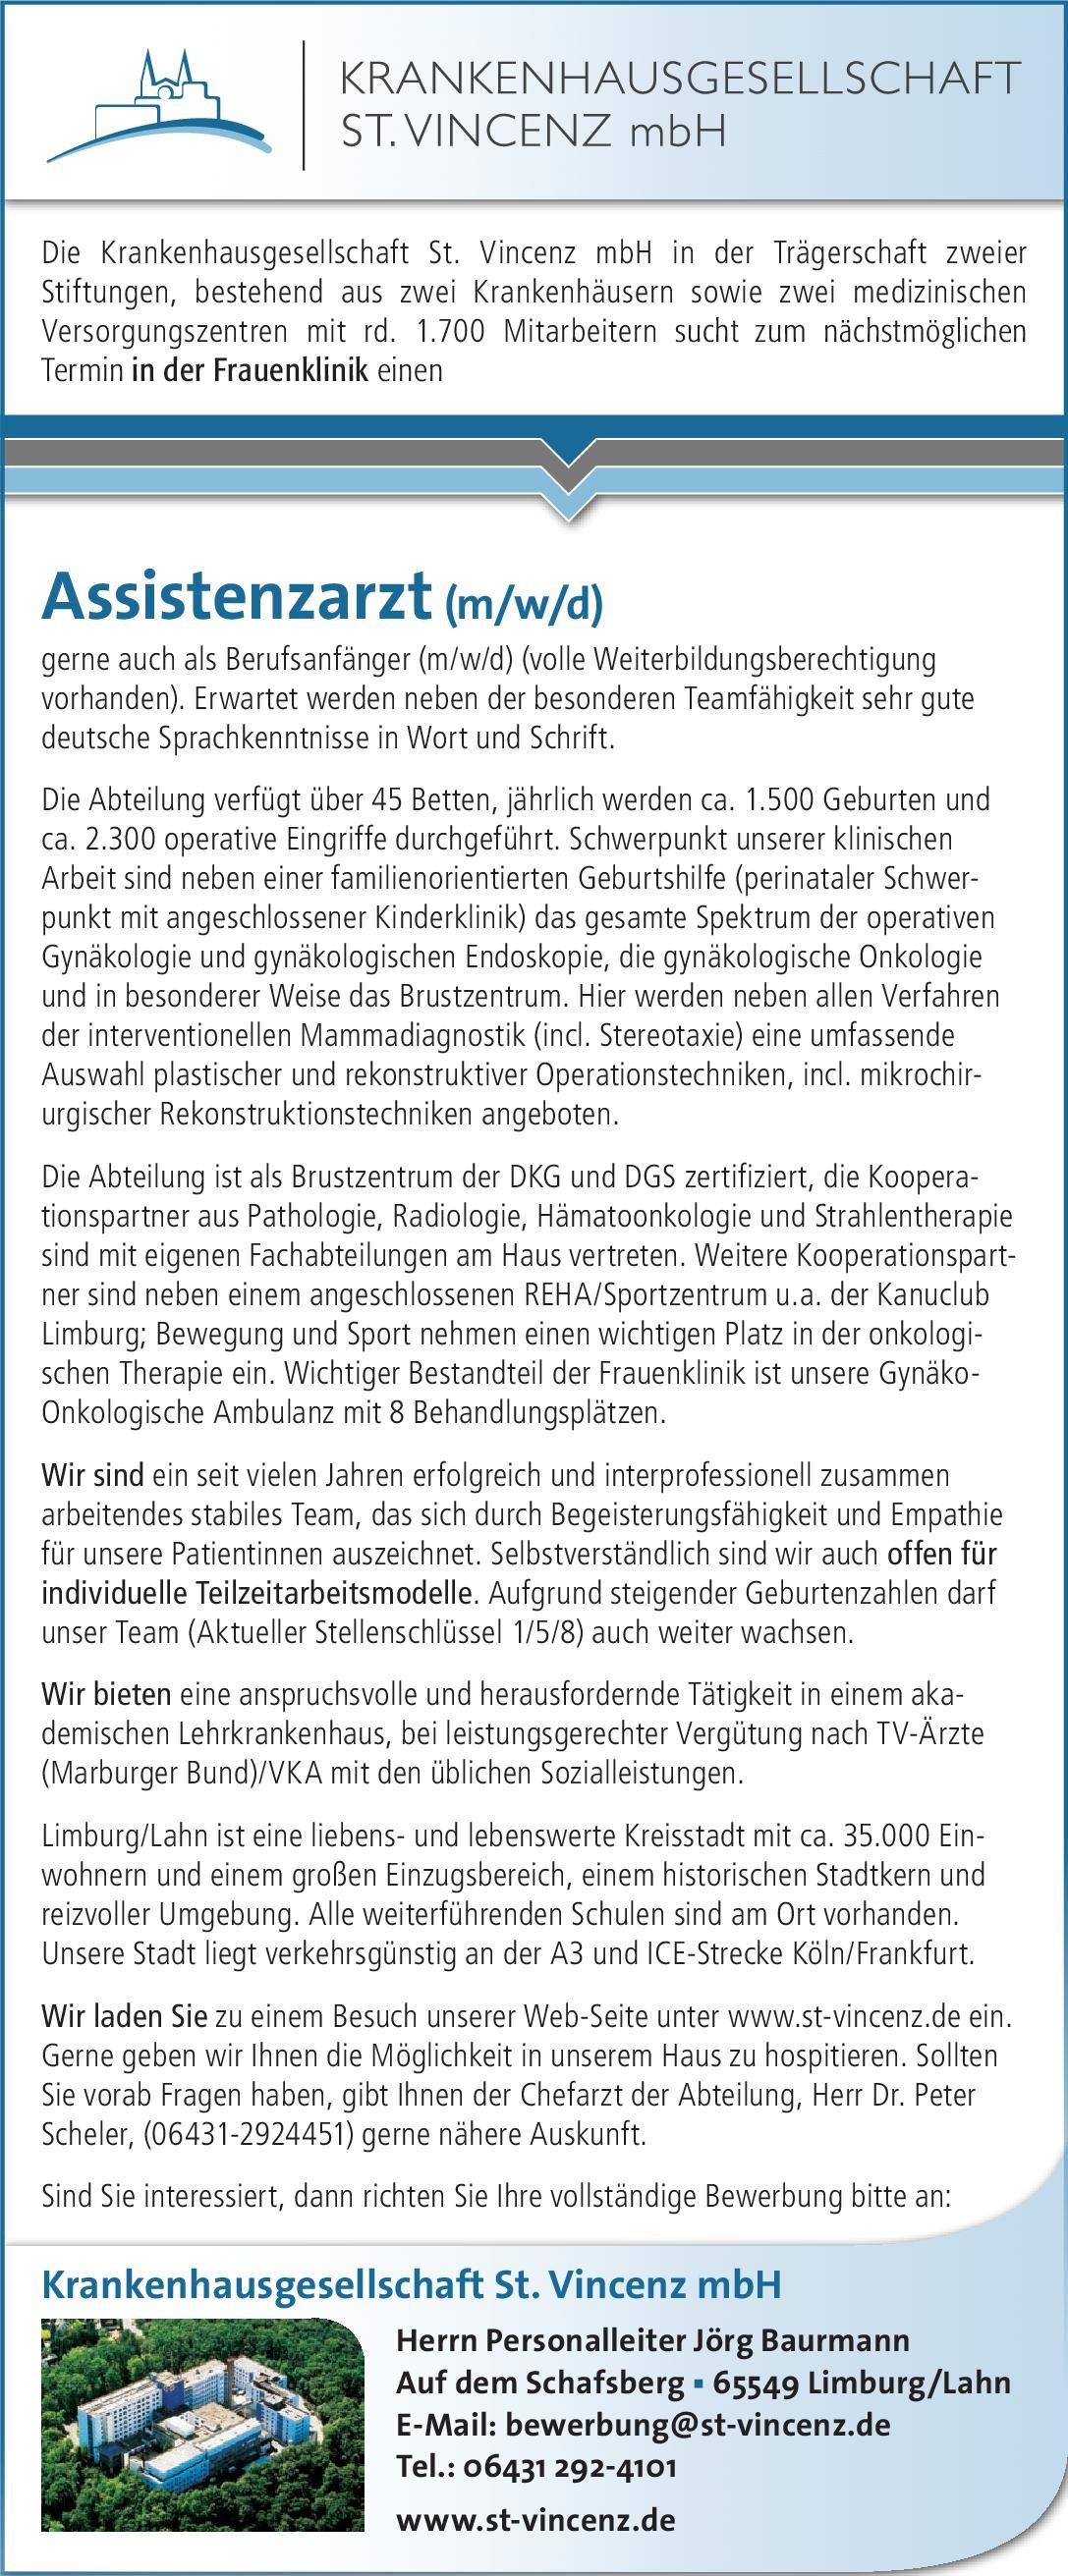 Krankenhausgesellschaft St. Vincenz mbH Assistenzarzt (m/w/d) Frauenheilkunde  Frauenheilkunde und Geburtshilfe, Frauenheilkunde und Geburtshilfe Assistenzarzt / Arzt in Weiterbildung